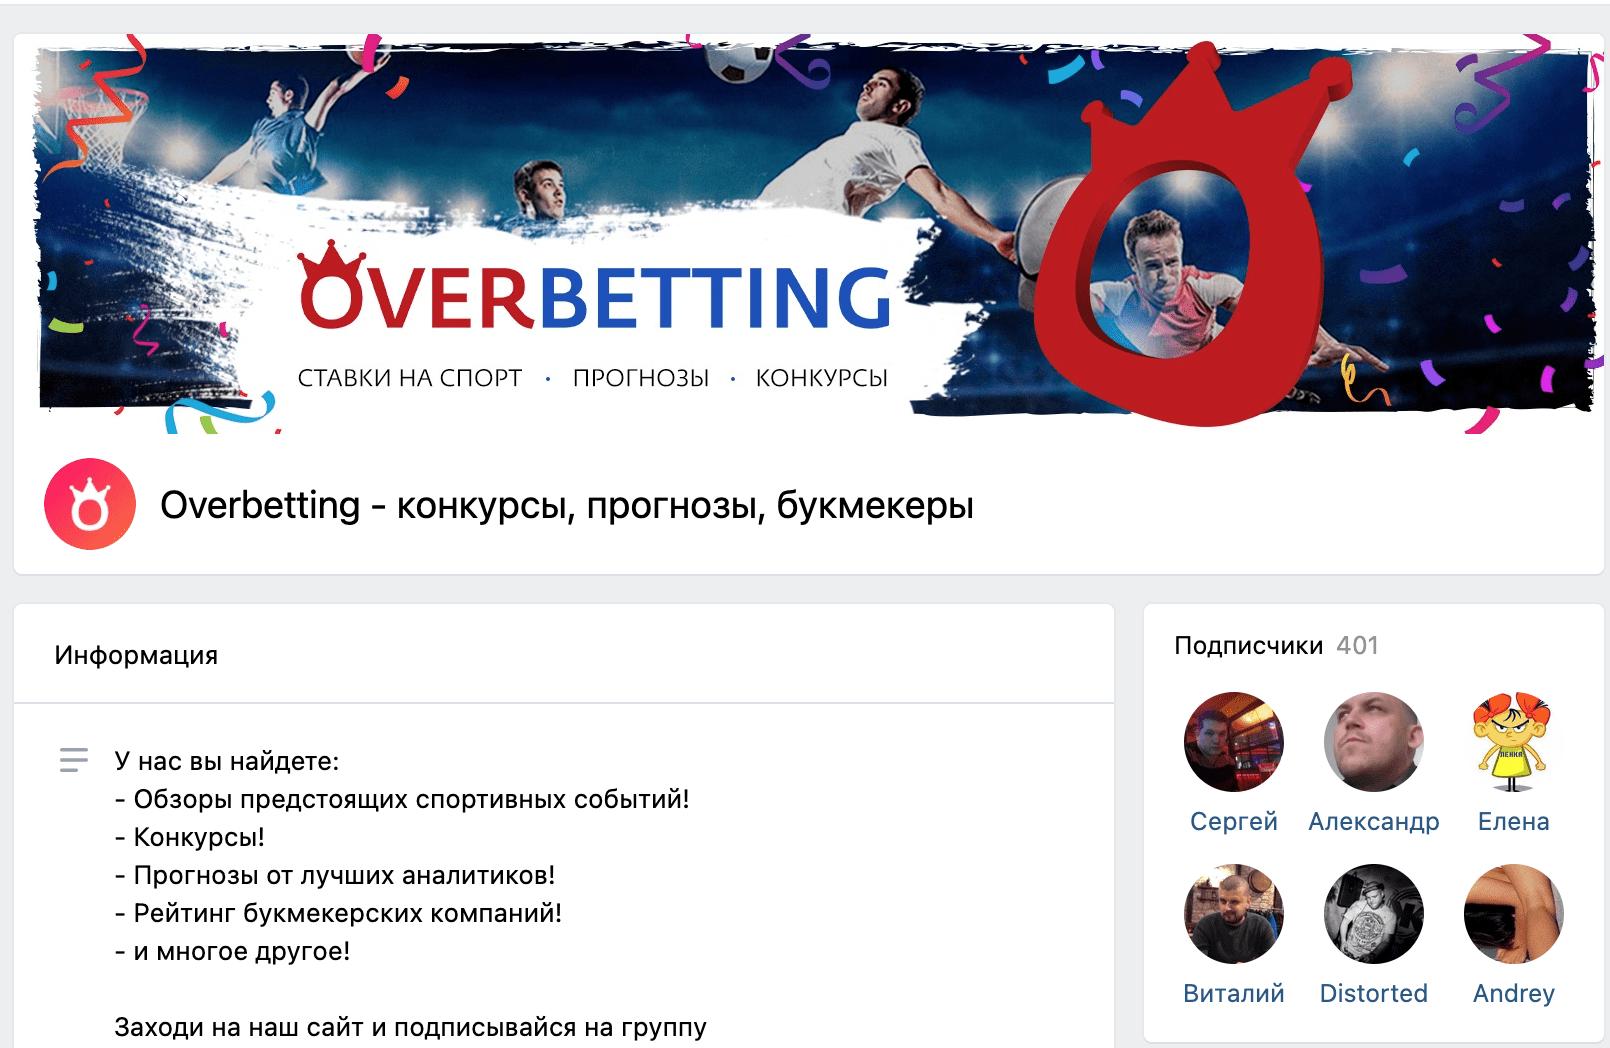 Группа ВК Overbetting.expert(Овербеттинг.эксперт)